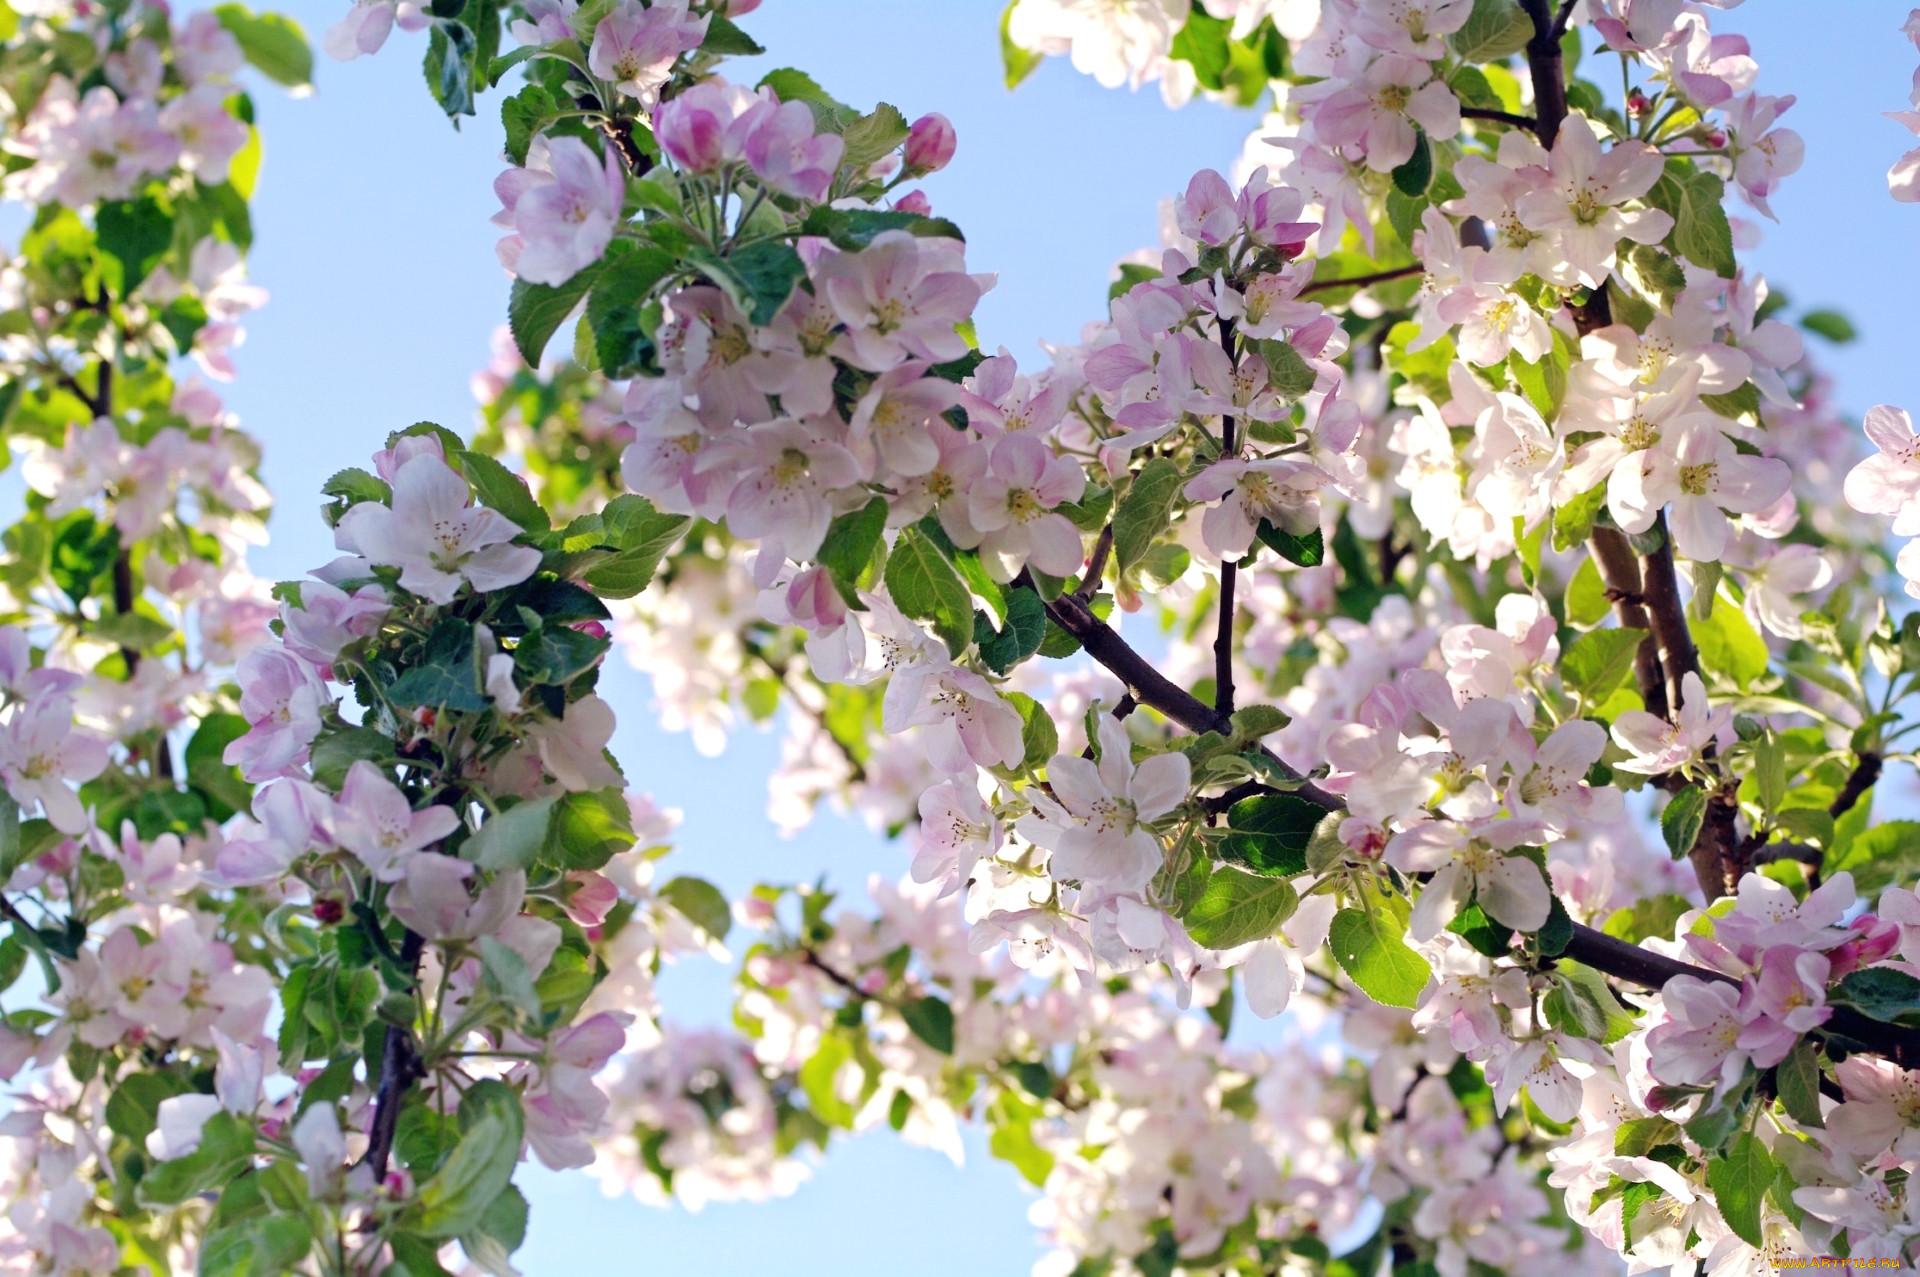 Фото яблоня в цвету большого разрешения тоже следующей